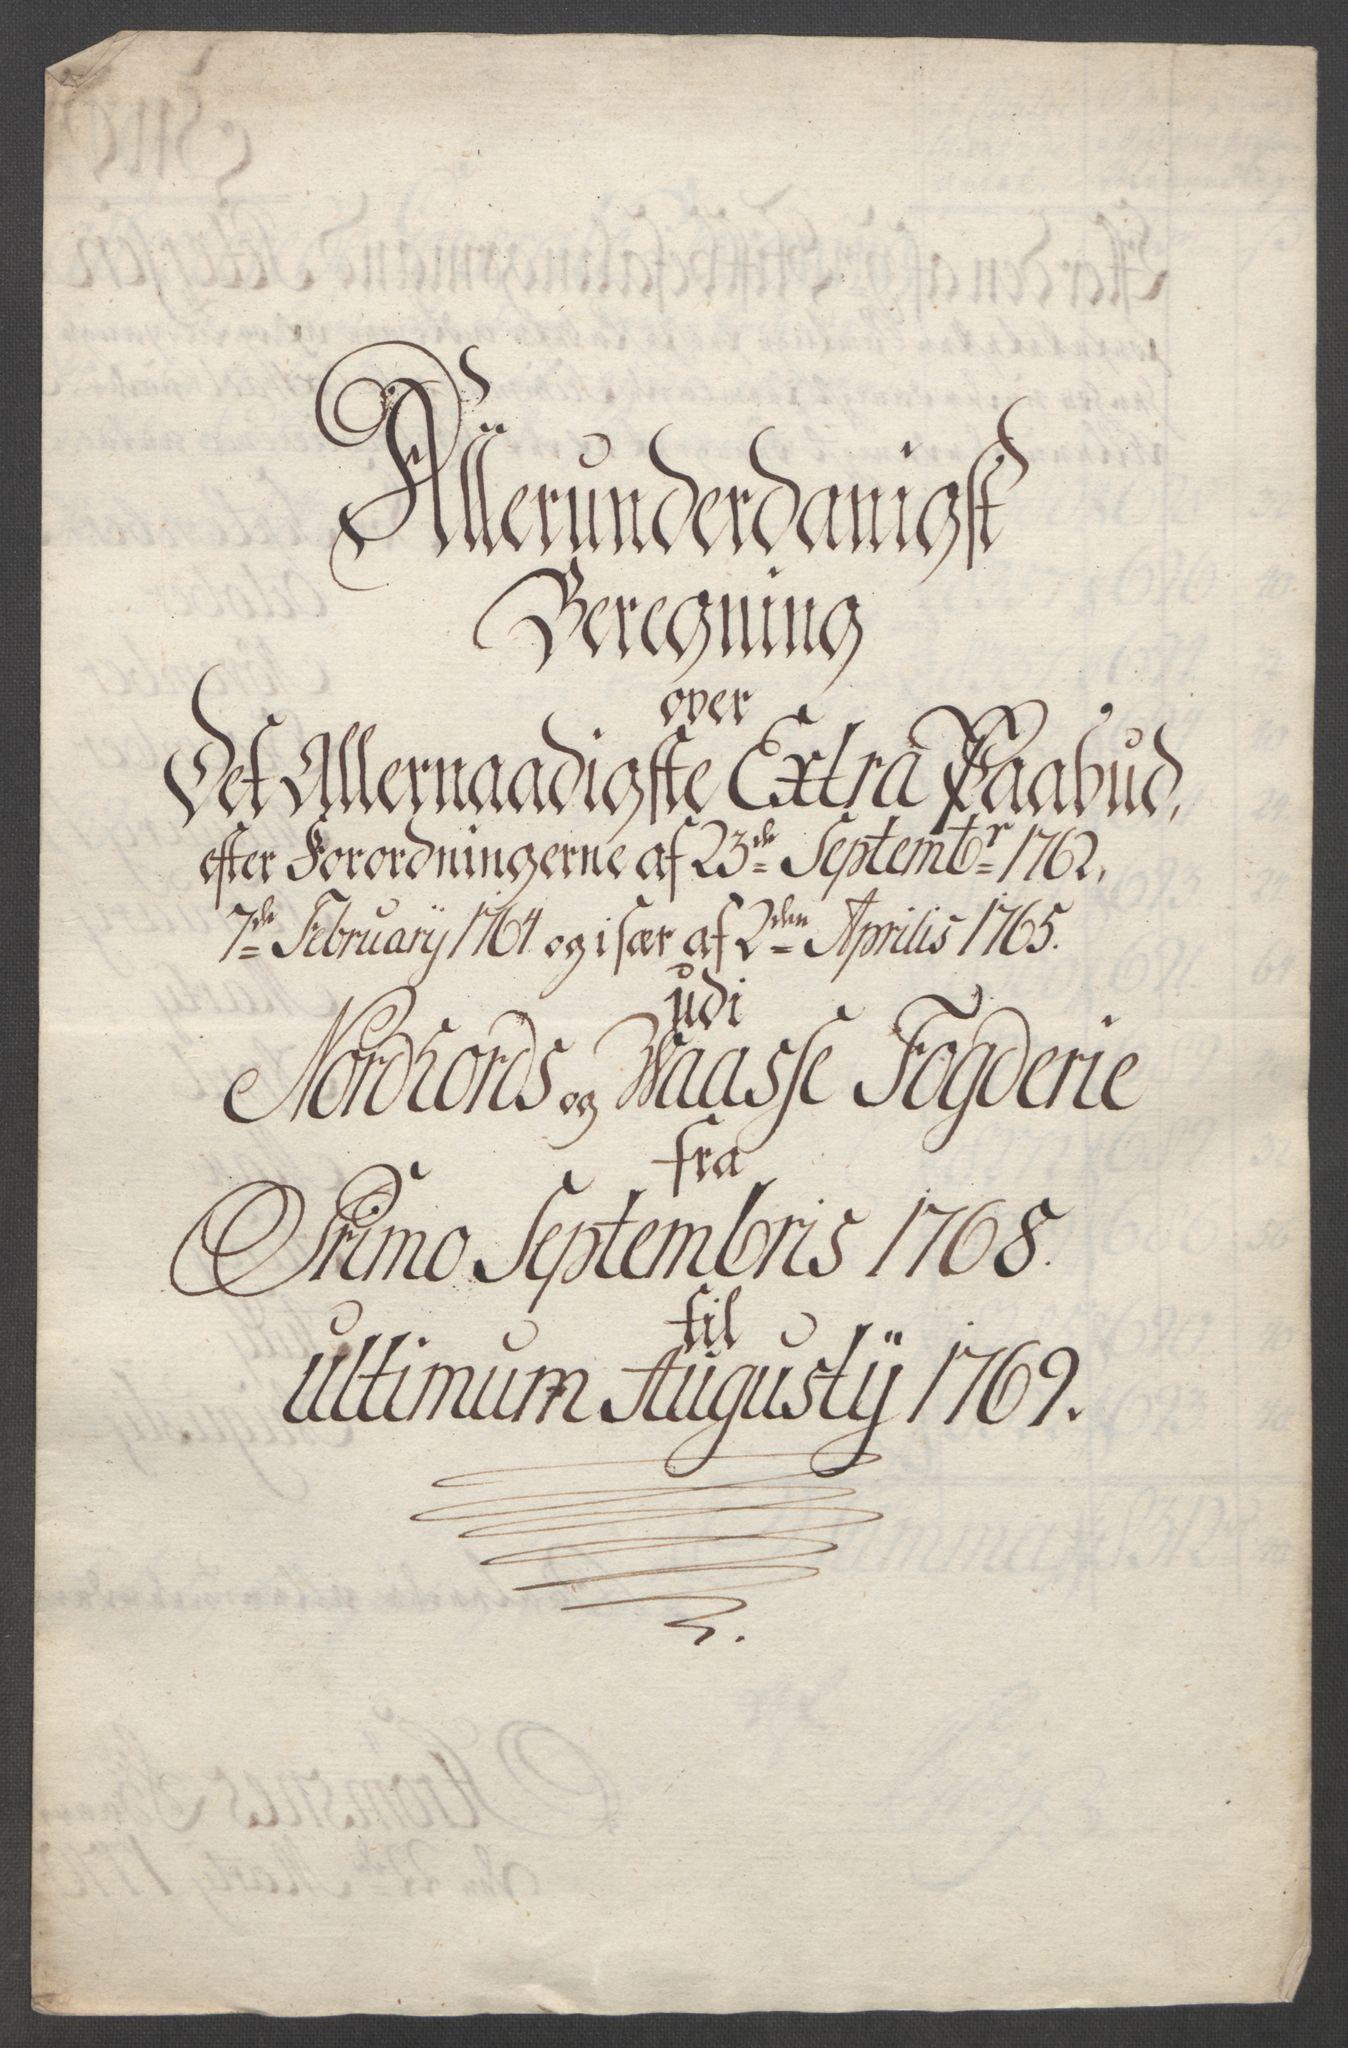 RA, Rentekammeret inntil 1814, Reviderte regnskaper, Fogderegnskap, R51/L3303: Ekstraskatten Nordhordland og Voss, 1762-1772, s. 349